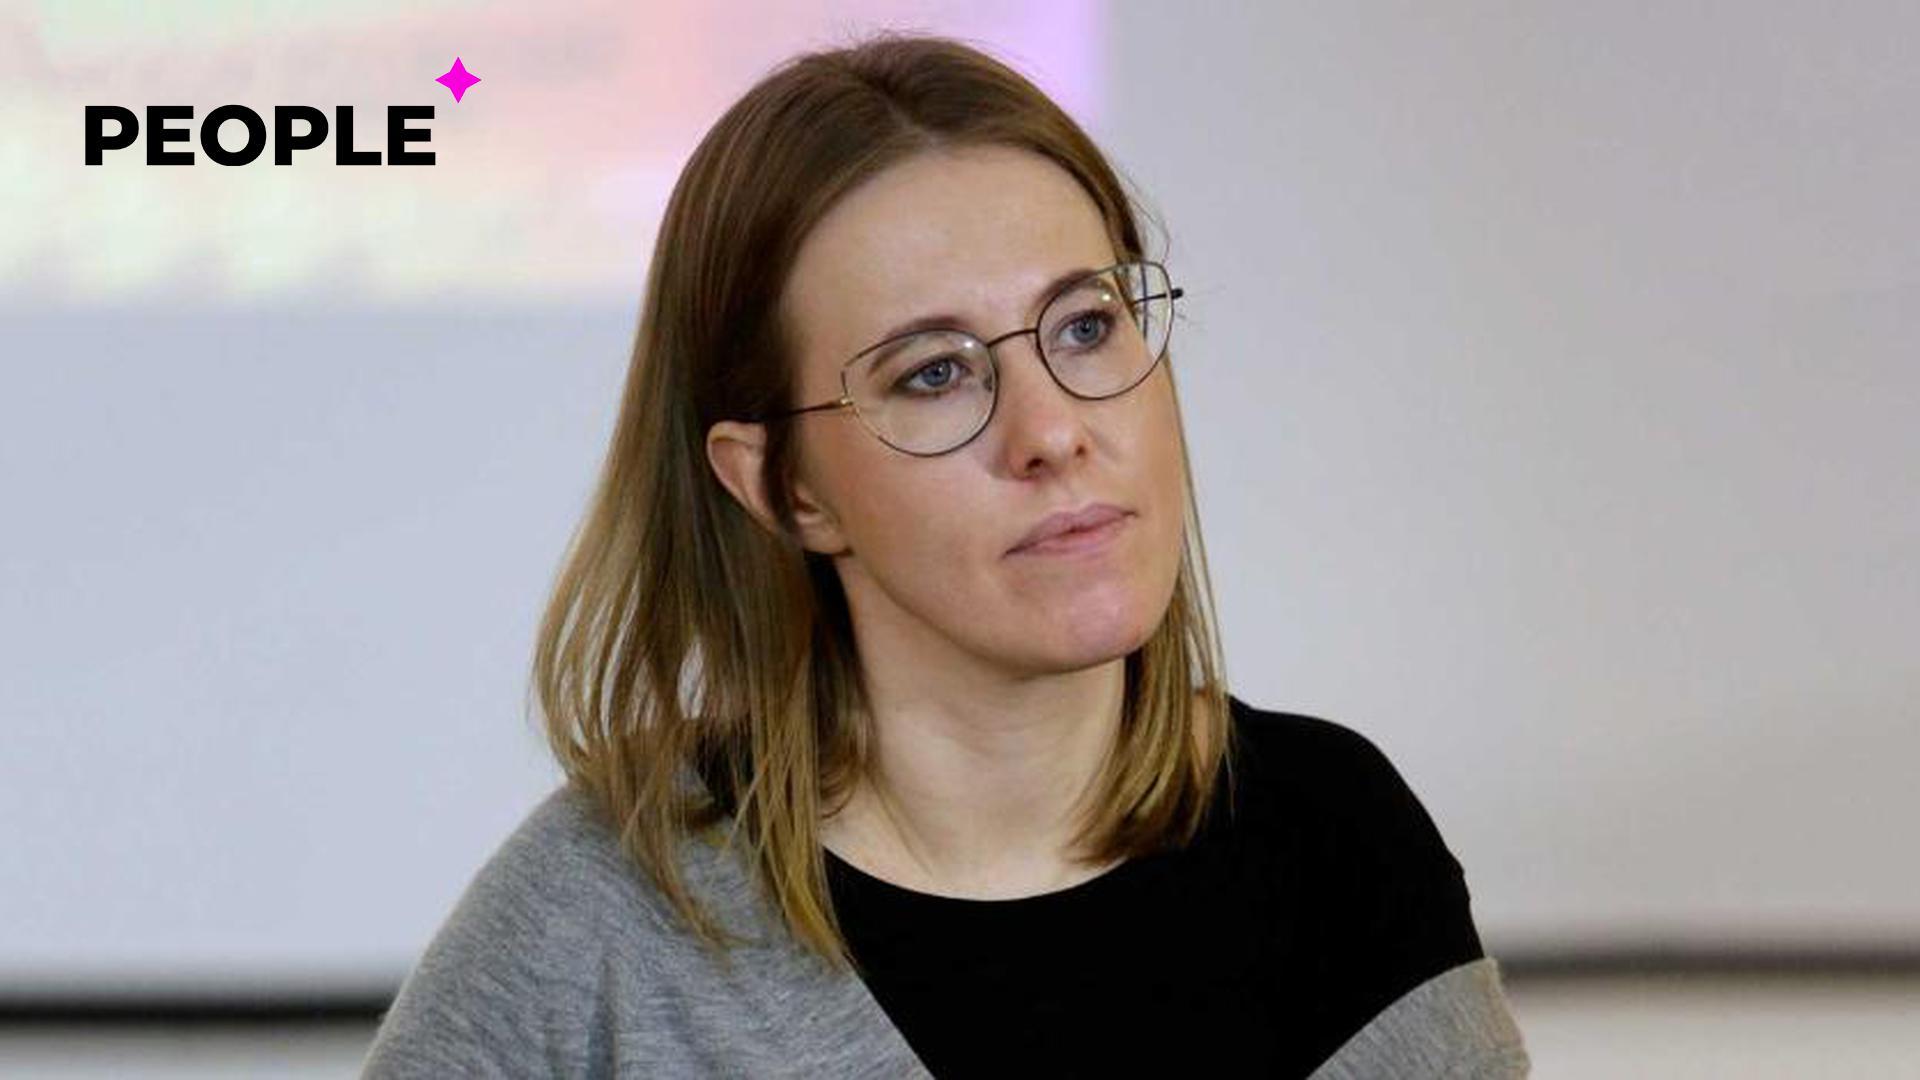 День рождения певицы Глюкозы обернулся скандалом из-за Ксении Собчак